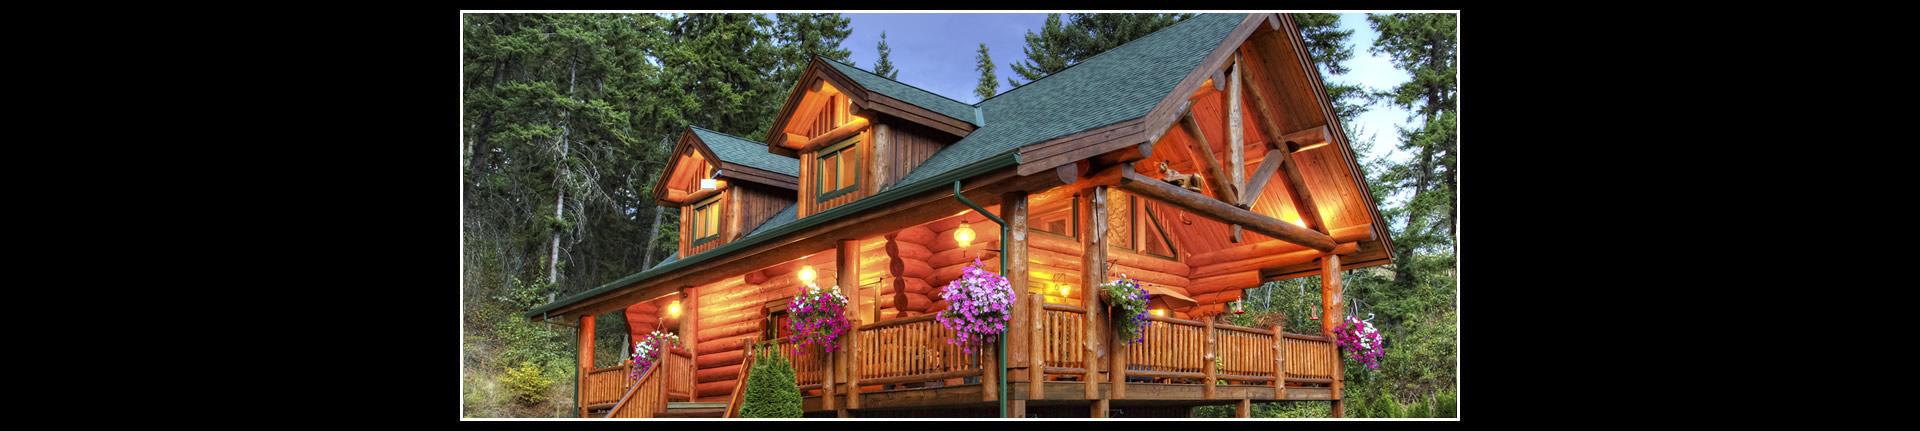 Slider_Image_log-cabin-1